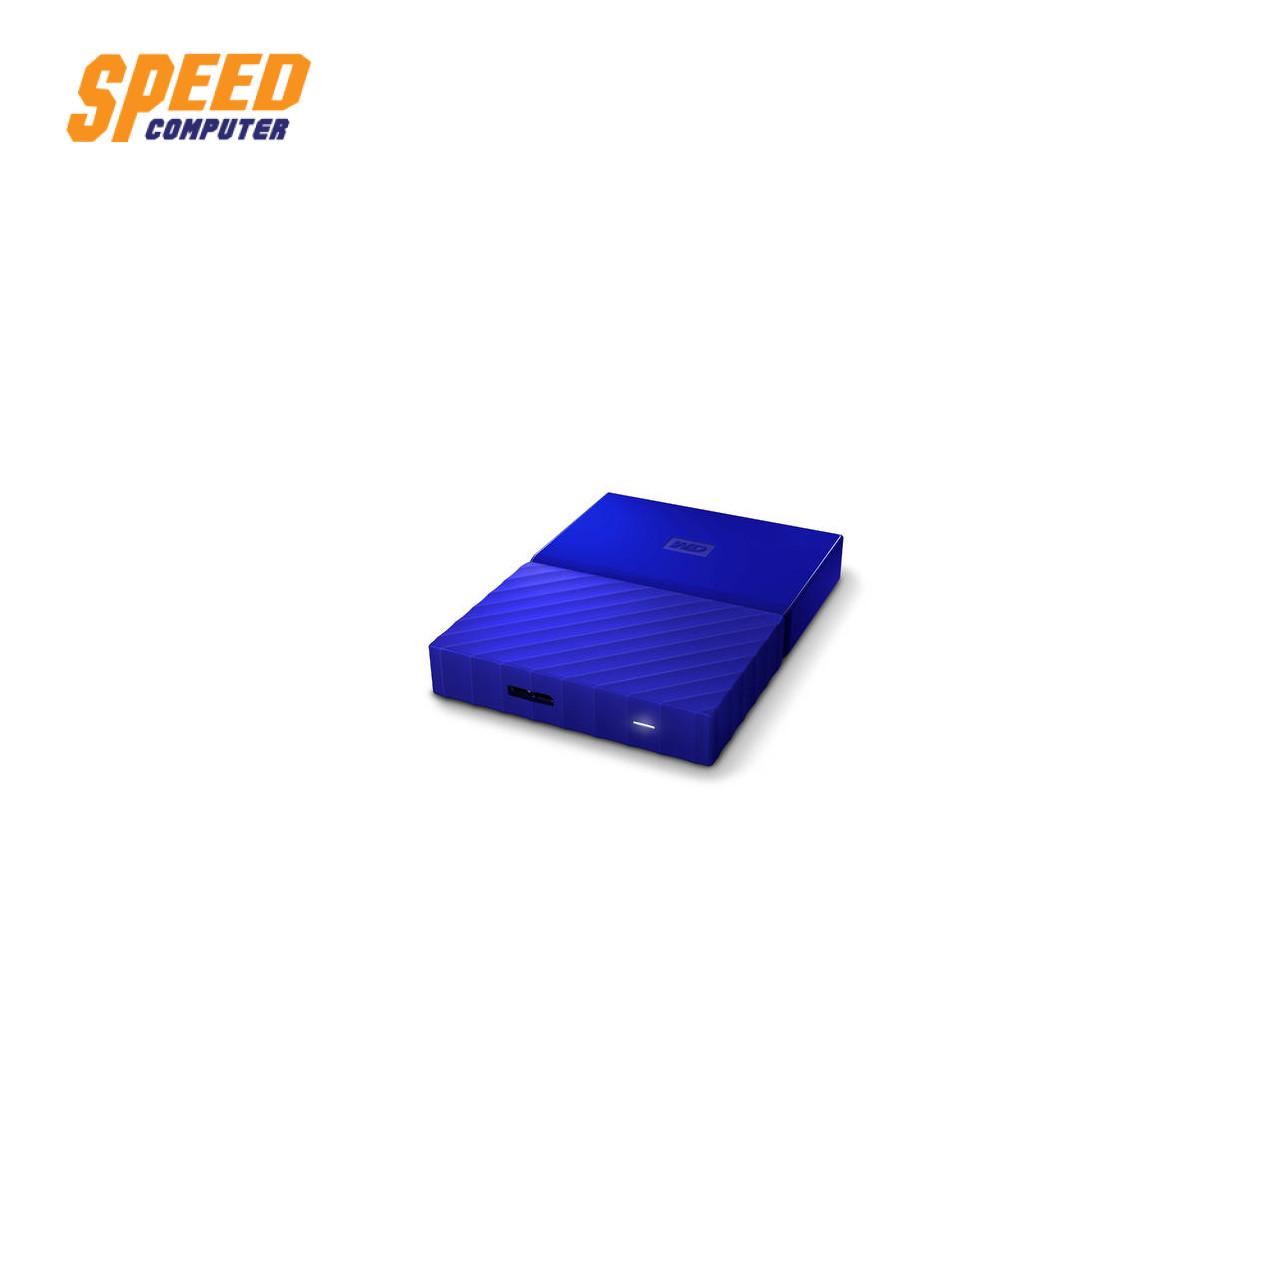 WDBYNN0010BBL-WESN